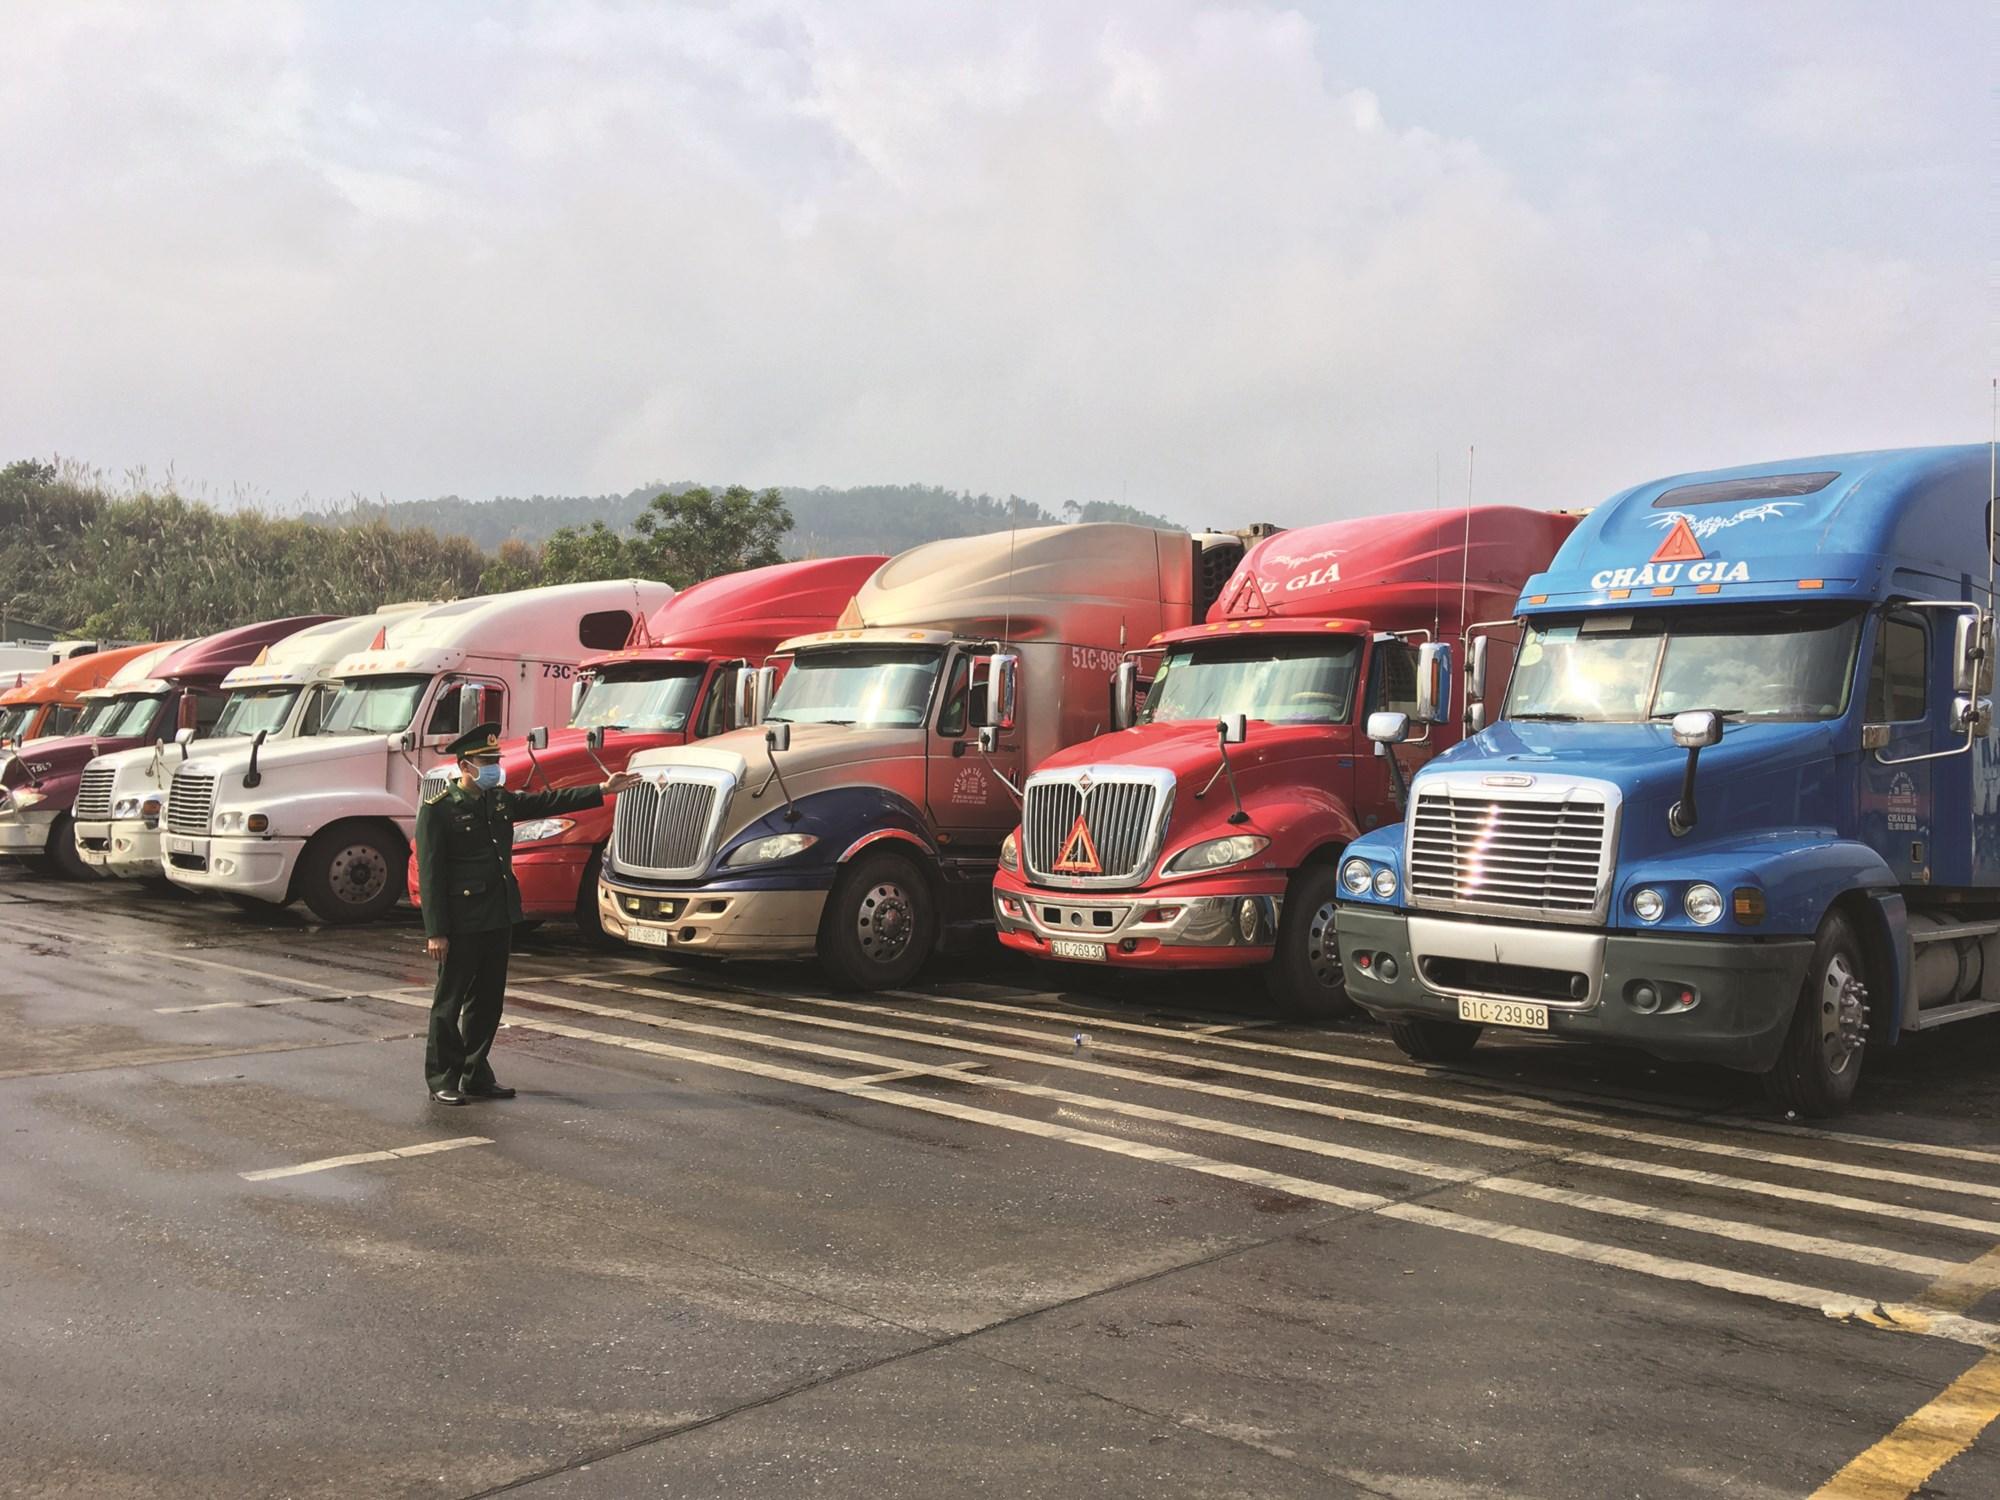 Lực lượng chức năng tại khu vực cửa khẩu đang hướng dẫn các xe tập kết bảo đảm an ninh trật tự